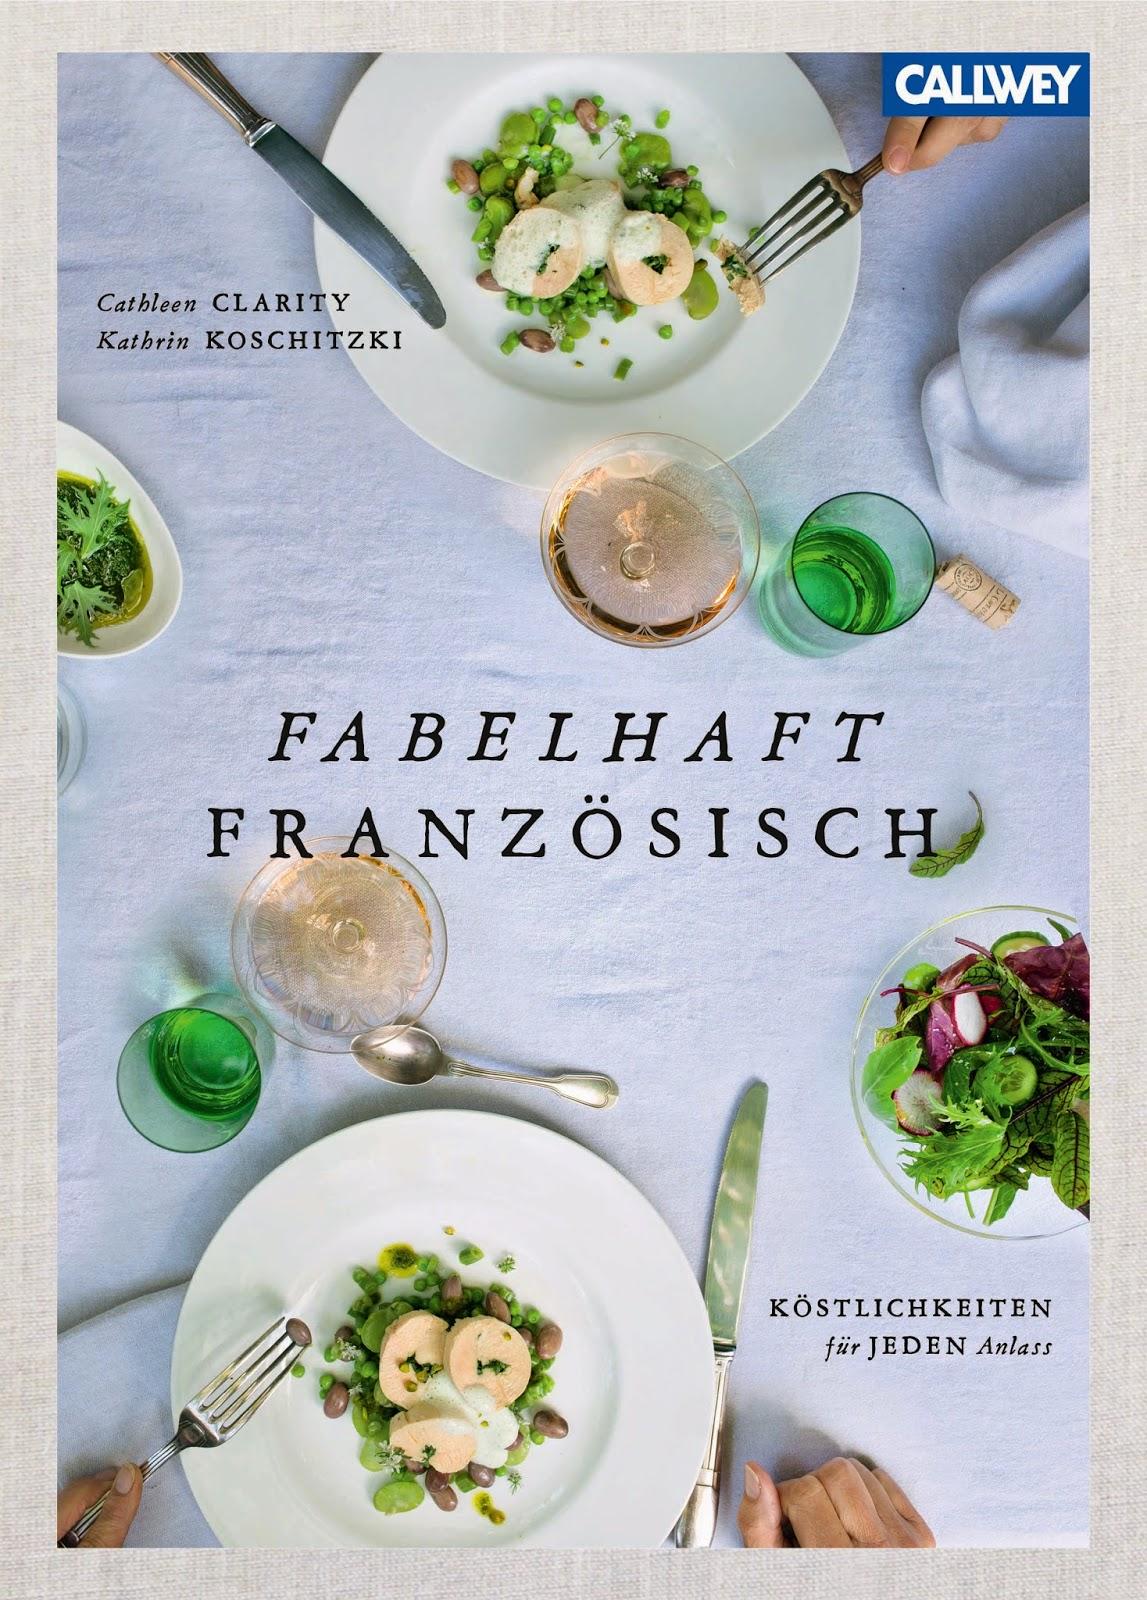 Buchvover von Fabelhaft französisch aus dem Callwey Verlag